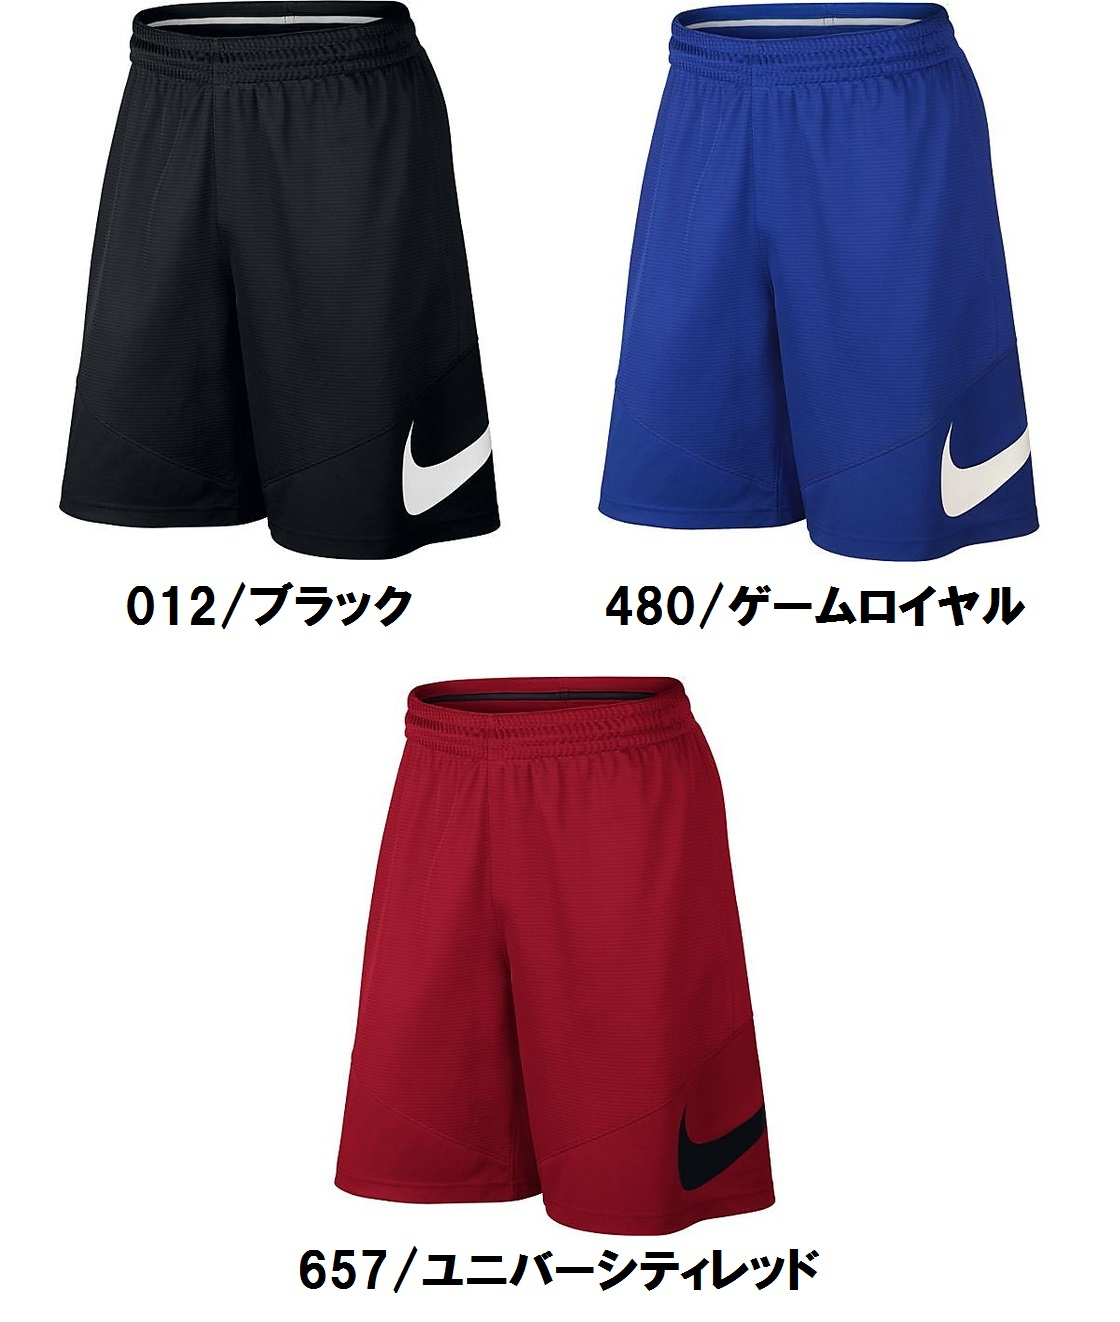 718830 / ナイキ ナイキ HBR ショート / ナイキ / バスケットボール